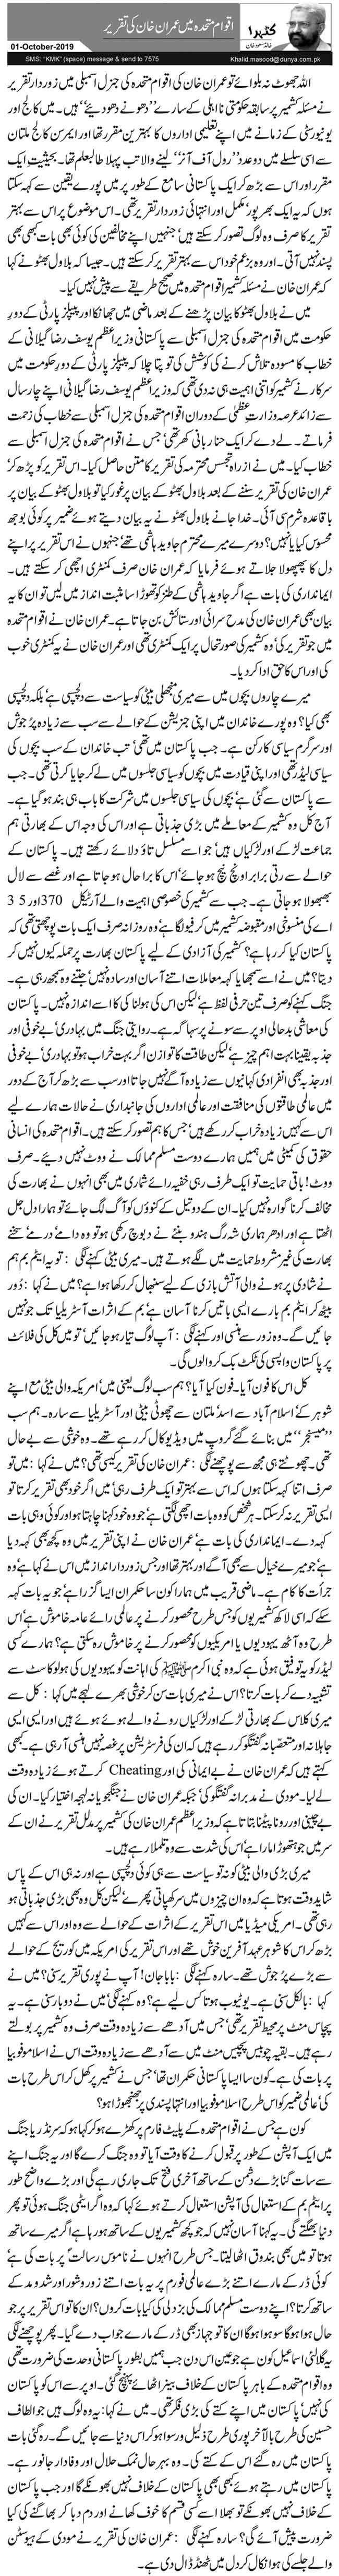 28557 23661714 - اقوام متحدہ میں عمران خان کی تقریر   ،خالد مسعود خان